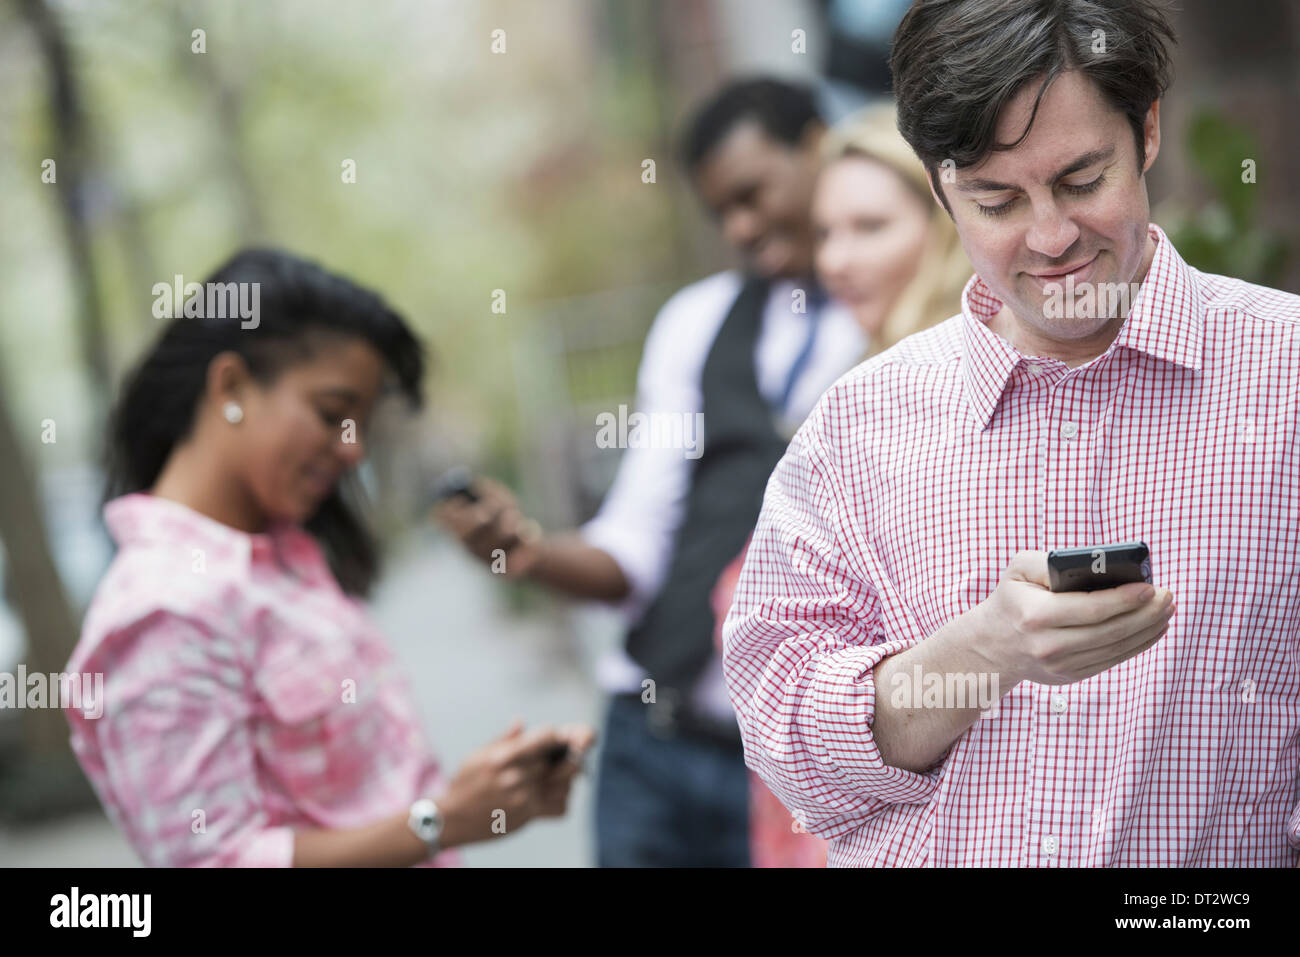 Vista su cityYoung persone all'esterno in un parco della città di tre persone che controllano che guarda i loro telefoni cellulari Immagini Stock